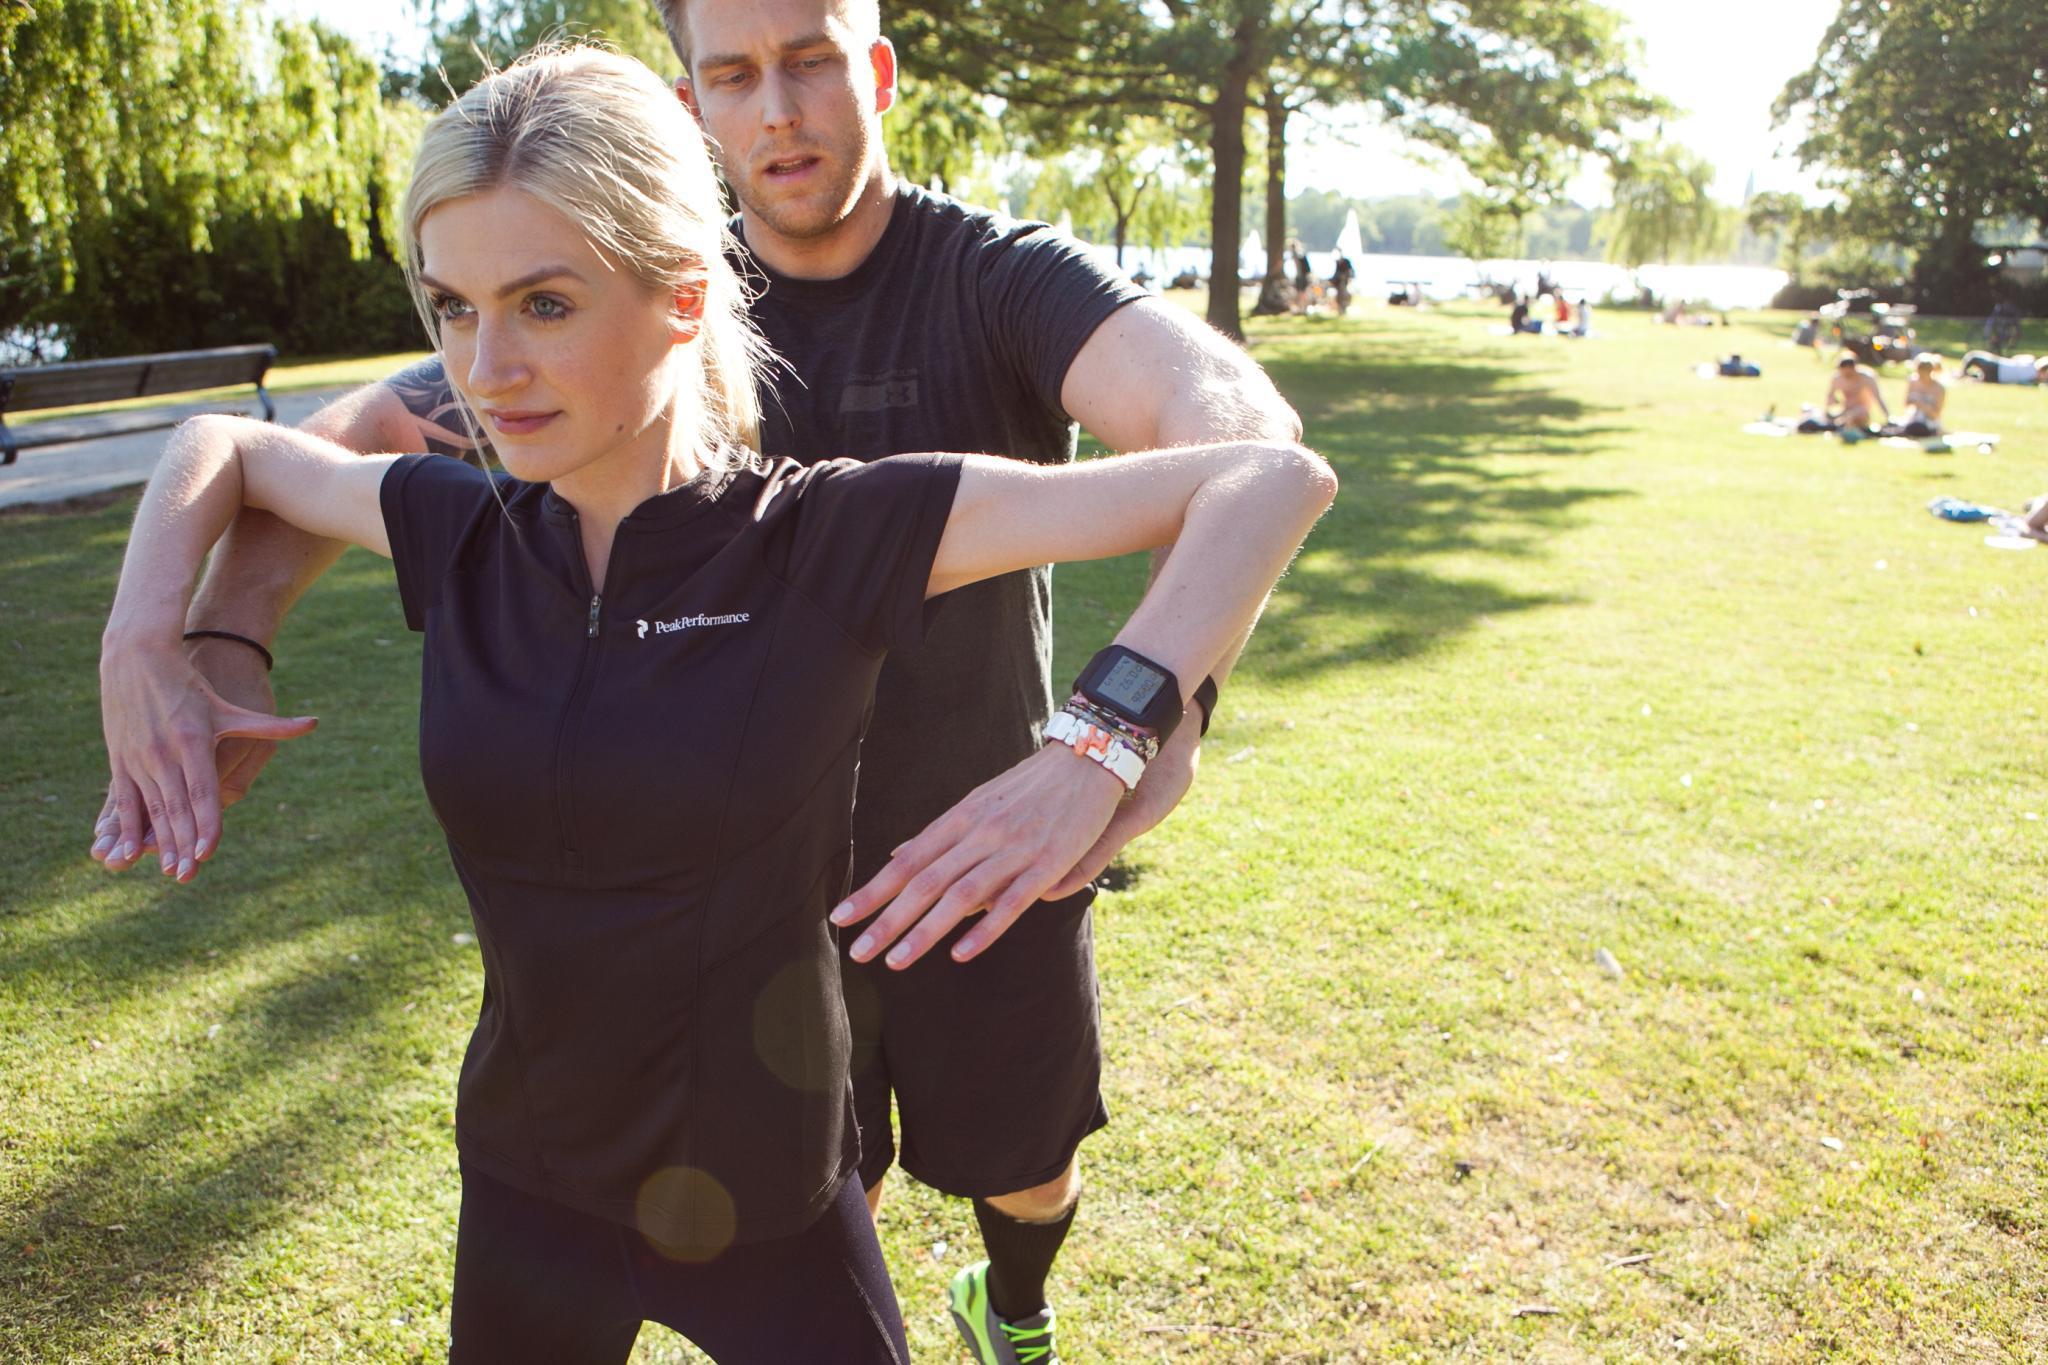 """Zu einer Fitness-Einheit gehören natürlich auch immer Dehnübungen. Dass Gala.de-Redakteurin die """"SmartWatch 3"""" am Handgelenk hat, fällt ihr dabei überhaupt nicht auf."""